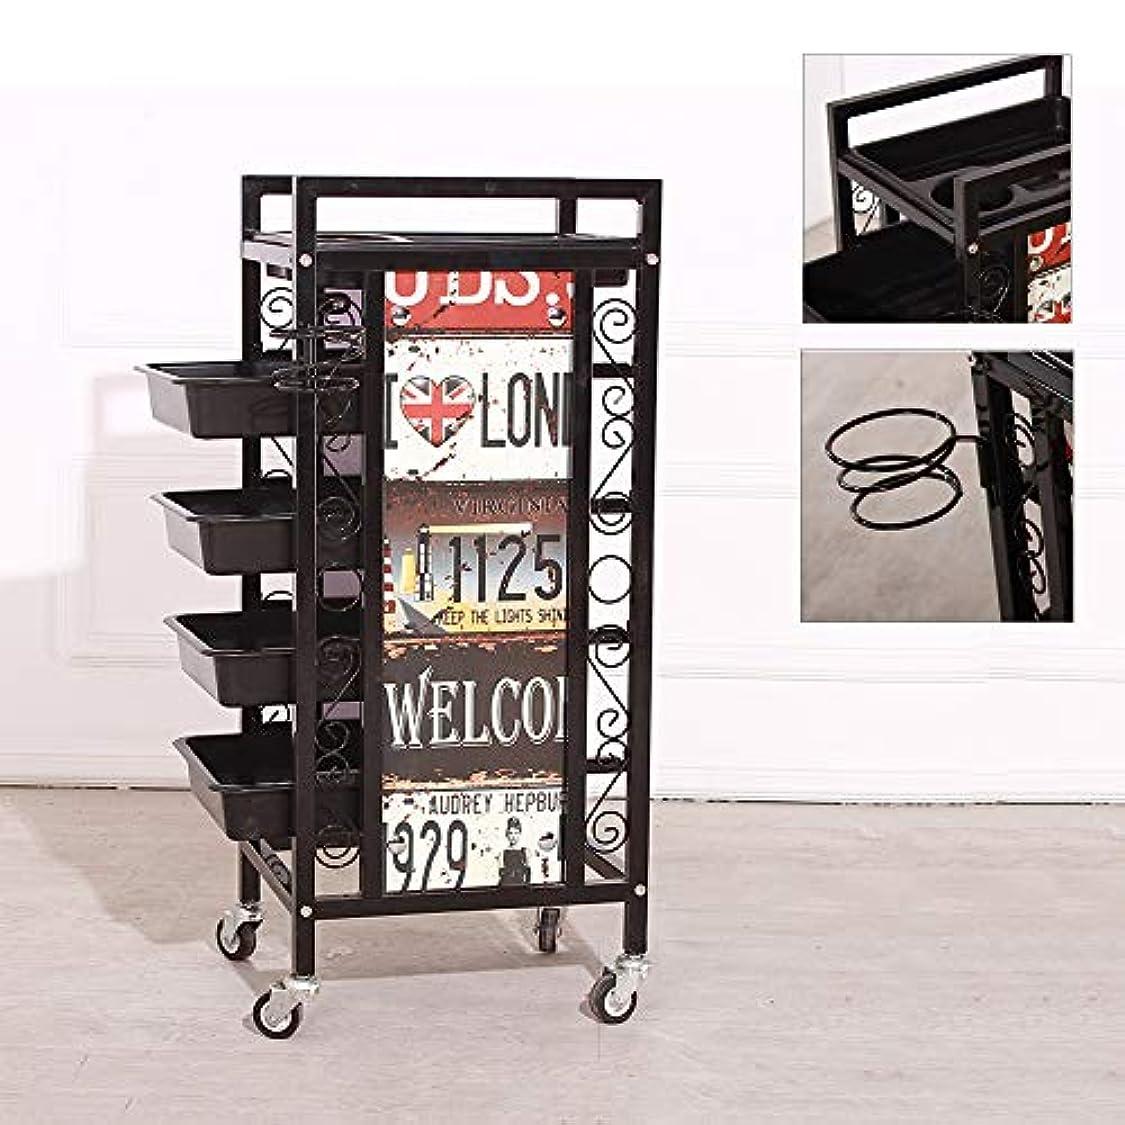 分布文献グラス美容院トロリービューティーサロントロリーヘアースタイリストのための多機能の欧州トロリー棚ヘアーサロン5レイヤツールカート機器メイクカート